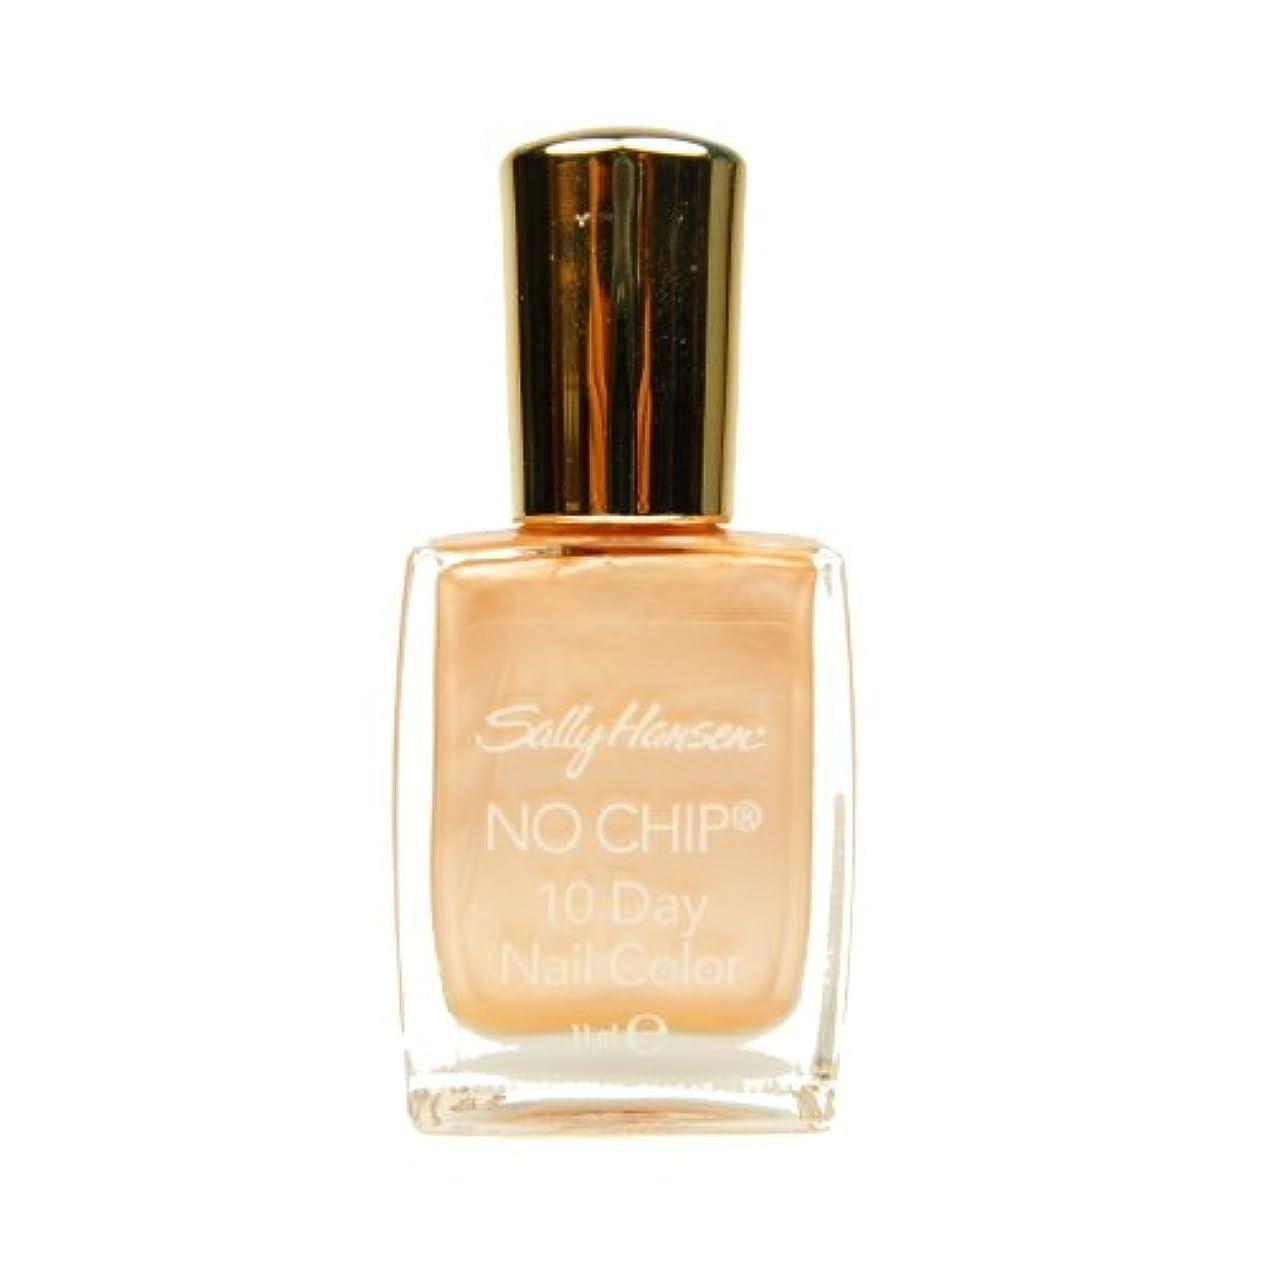 透過性一部めったにSALLY HANSEN No Chip 10 Day Nail Color 4840 - Still Sanding (DC) (並行輸入品)